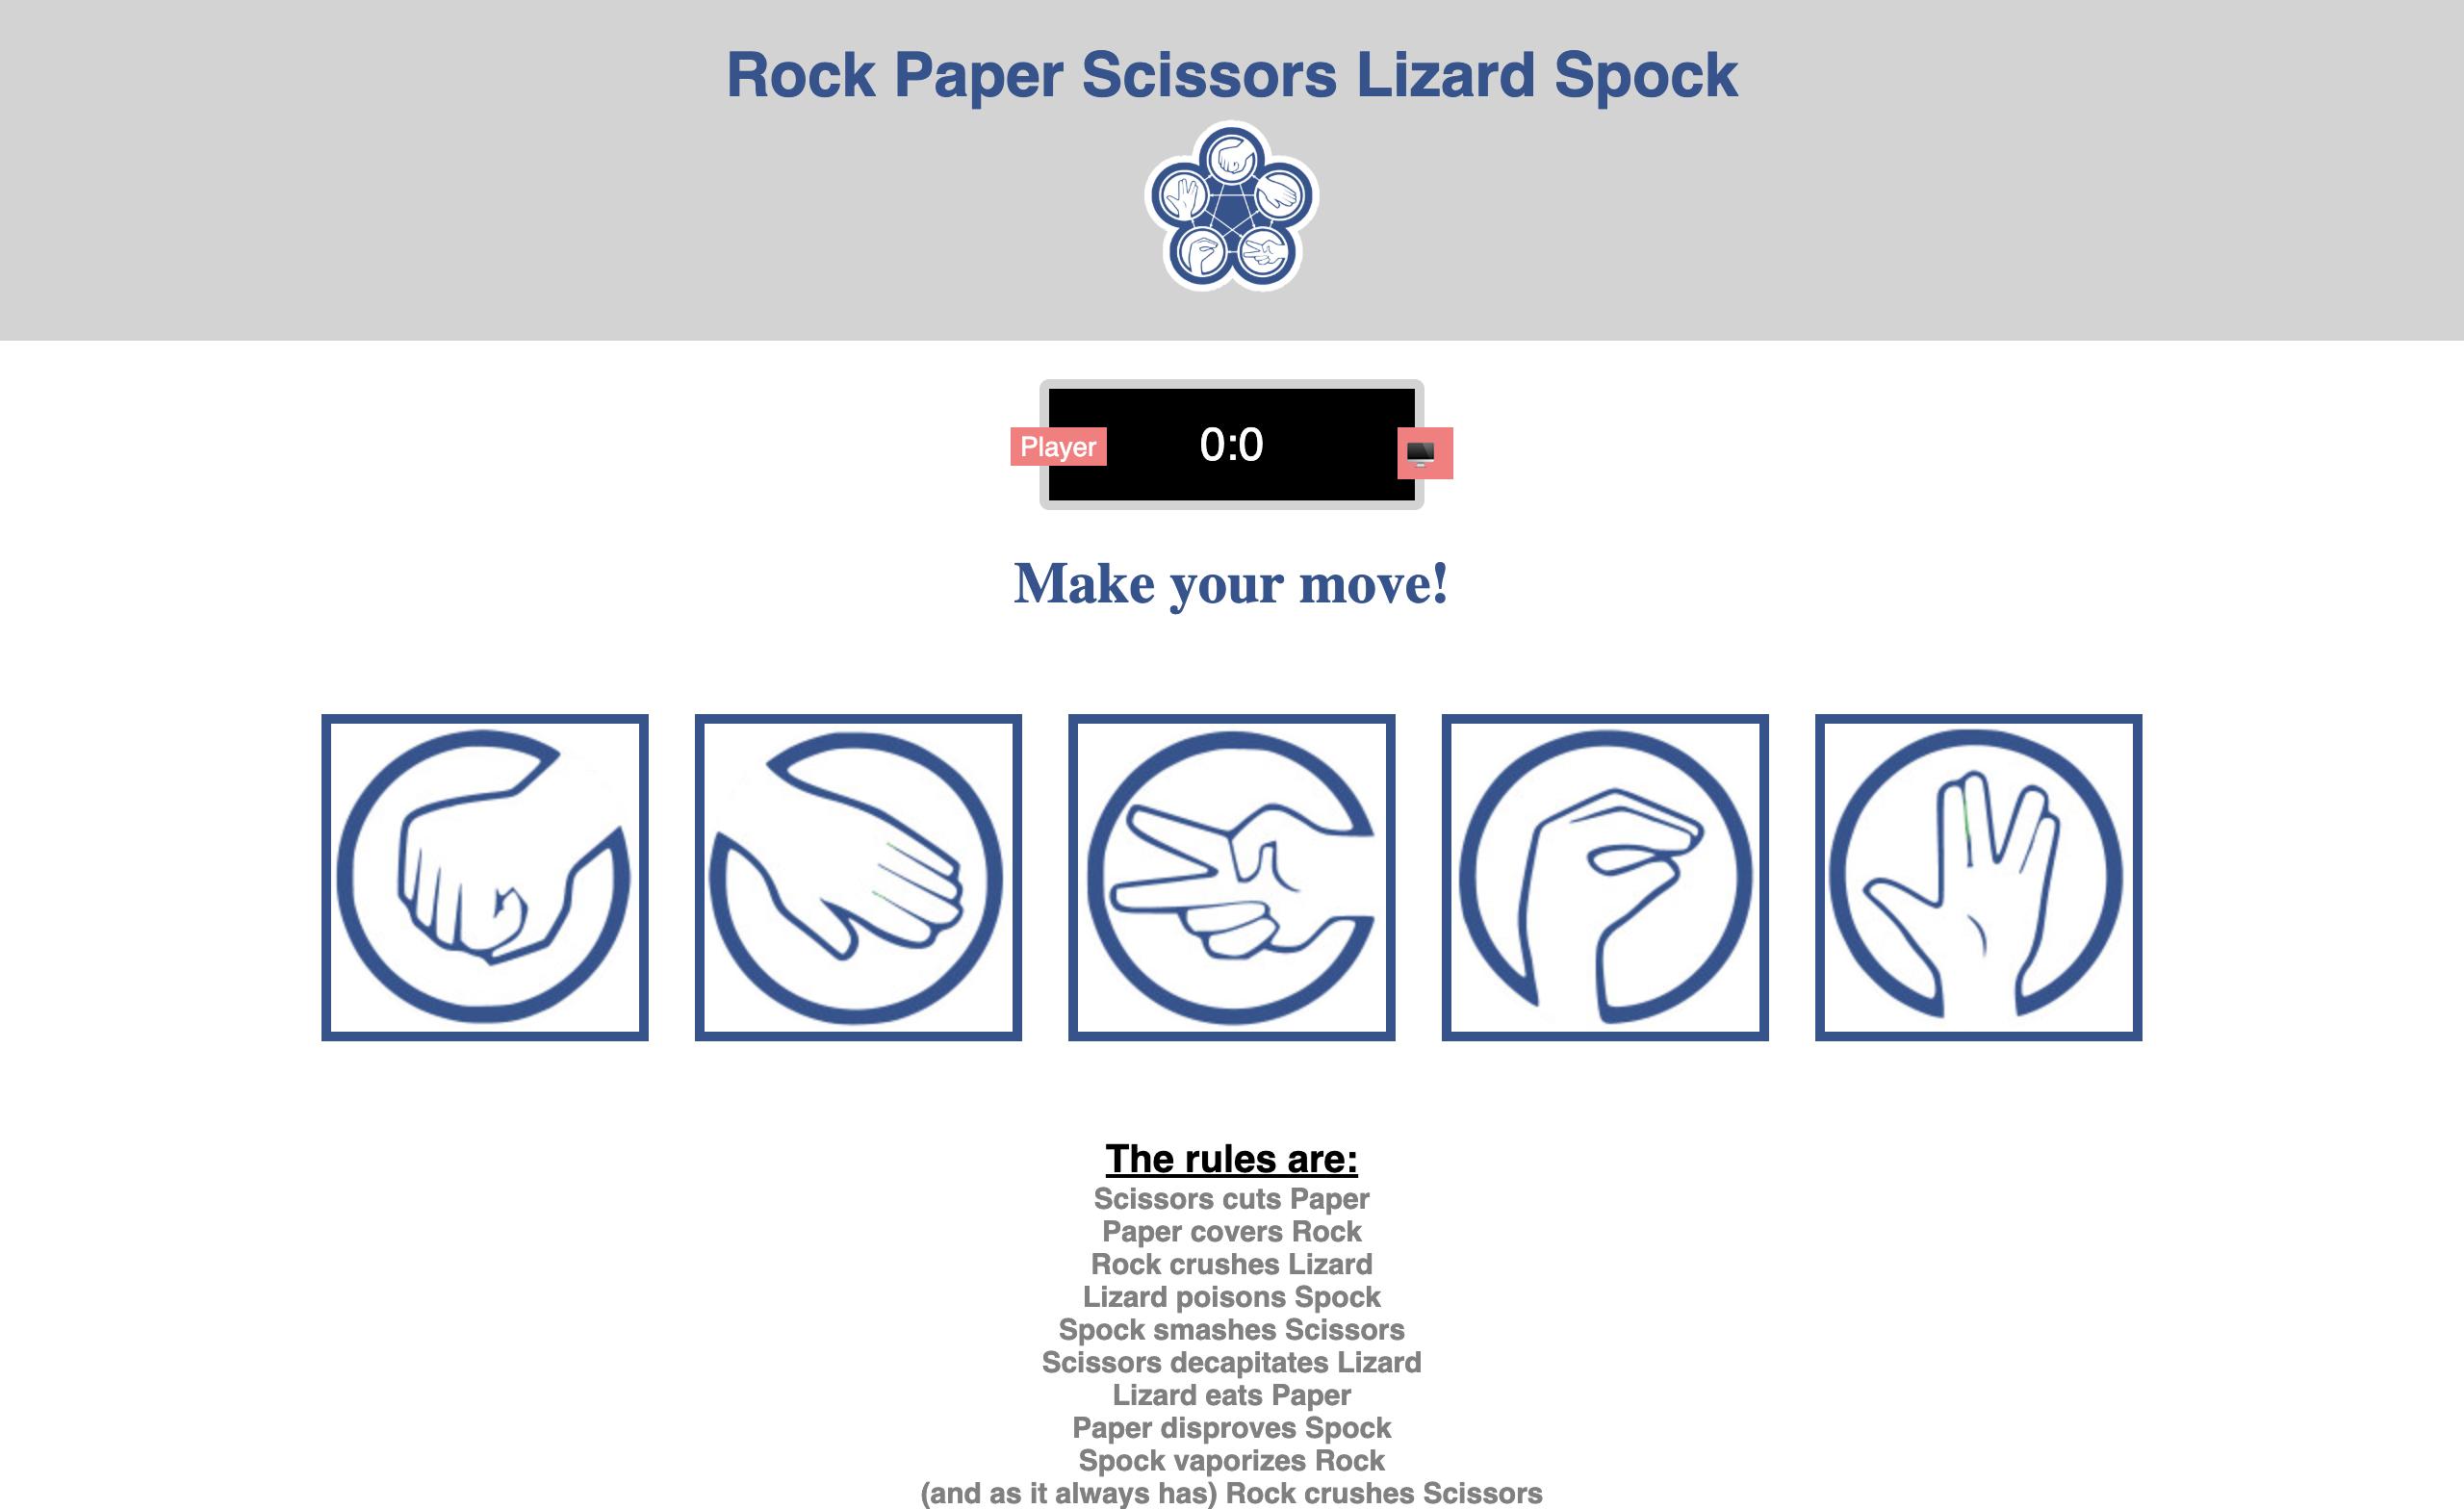 screencapture-marcinpiecha-mobileapp-RockPaperScissorsLizardSpock-index-html-2019-06-03-16_54_31 (1)